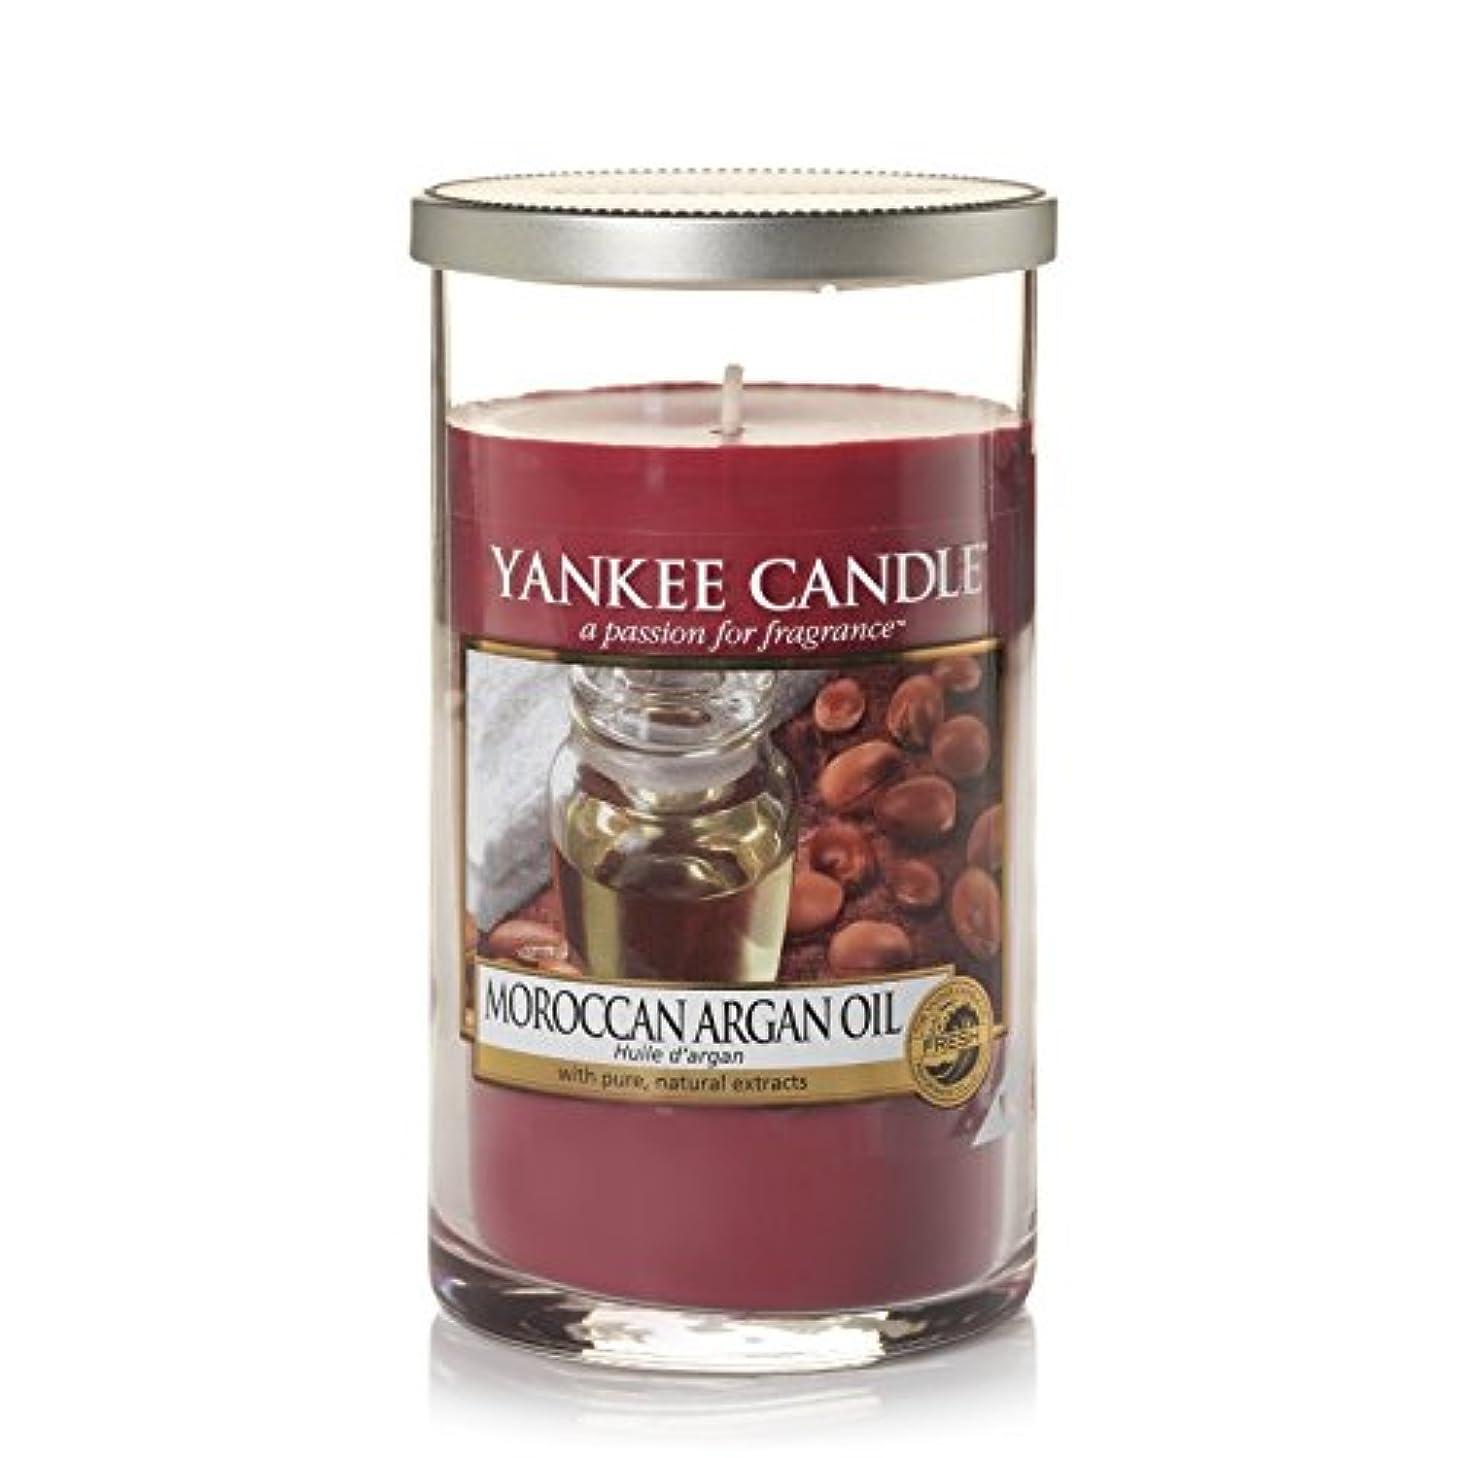 干し草前アーサーYankee Candles Medium Pillar Candle - Moroccan Argan Oil (Pack of 2) - ヤンキーキャンドルメディアピラーキャンドル - モロッコアルガンオイル (x2...